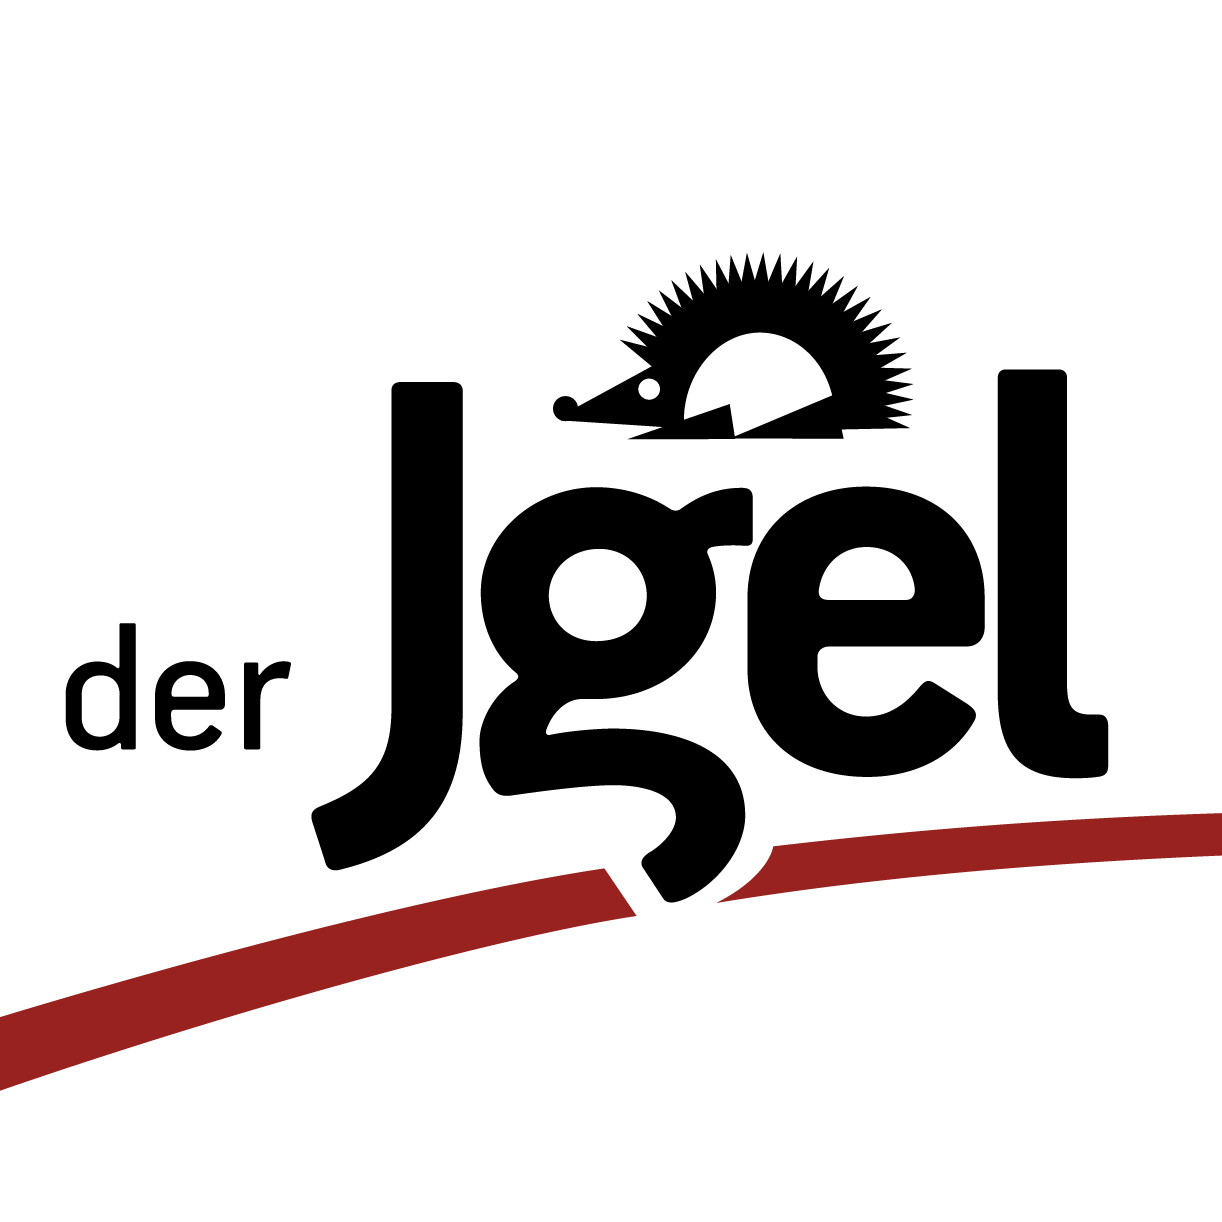 Der Igel - online